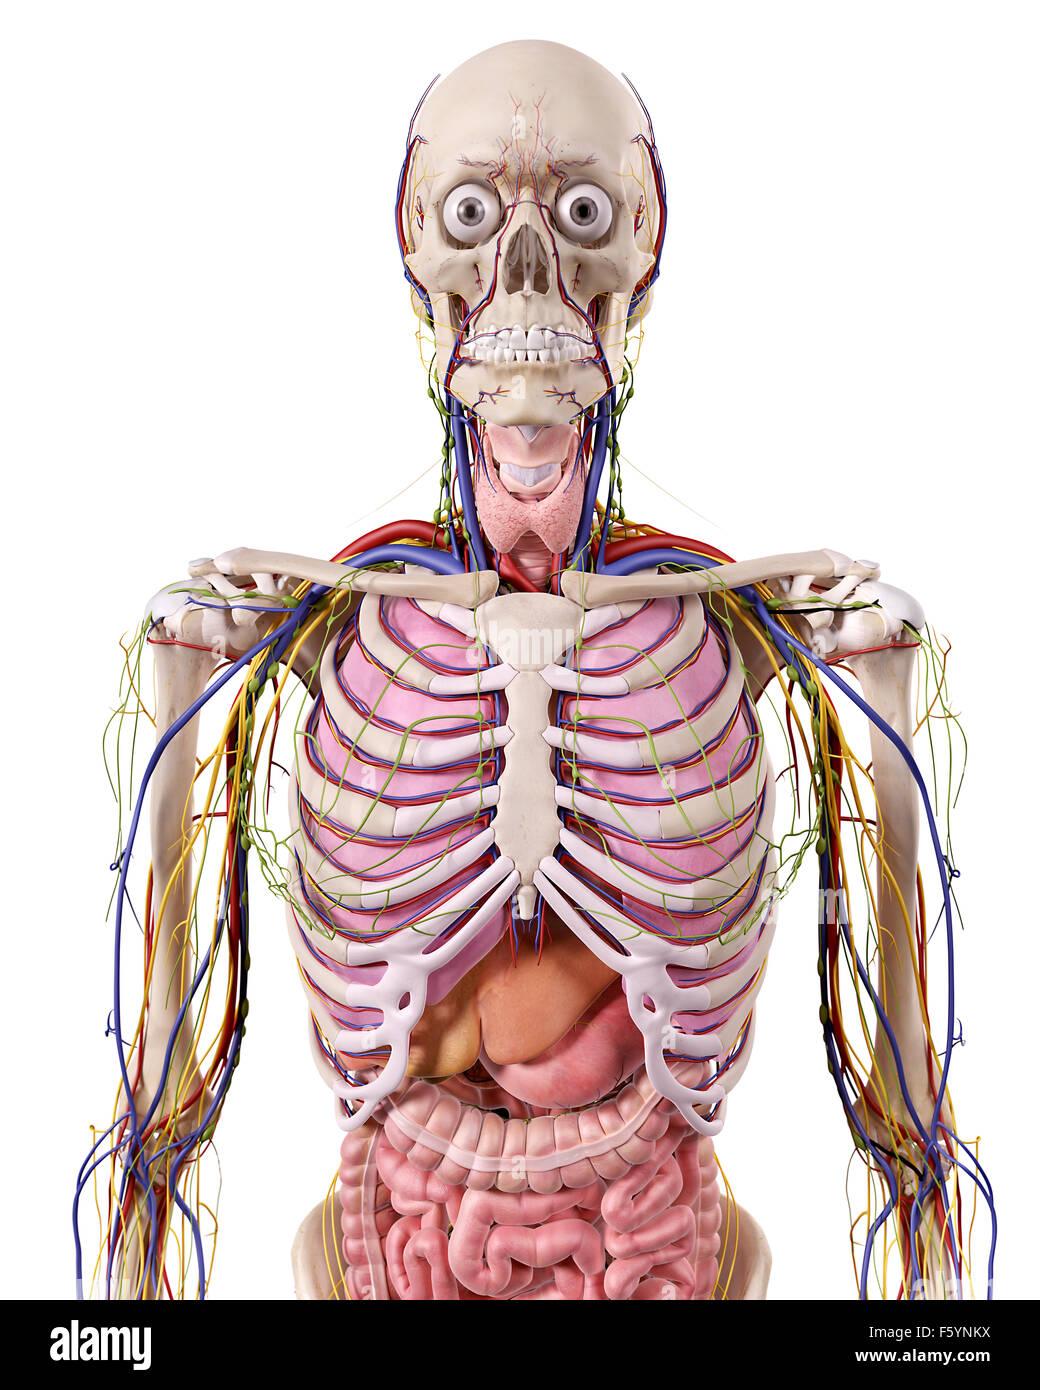 medizinische genaue Abbildung der Anatomie Brustkorb Stockfoto, Bild ...